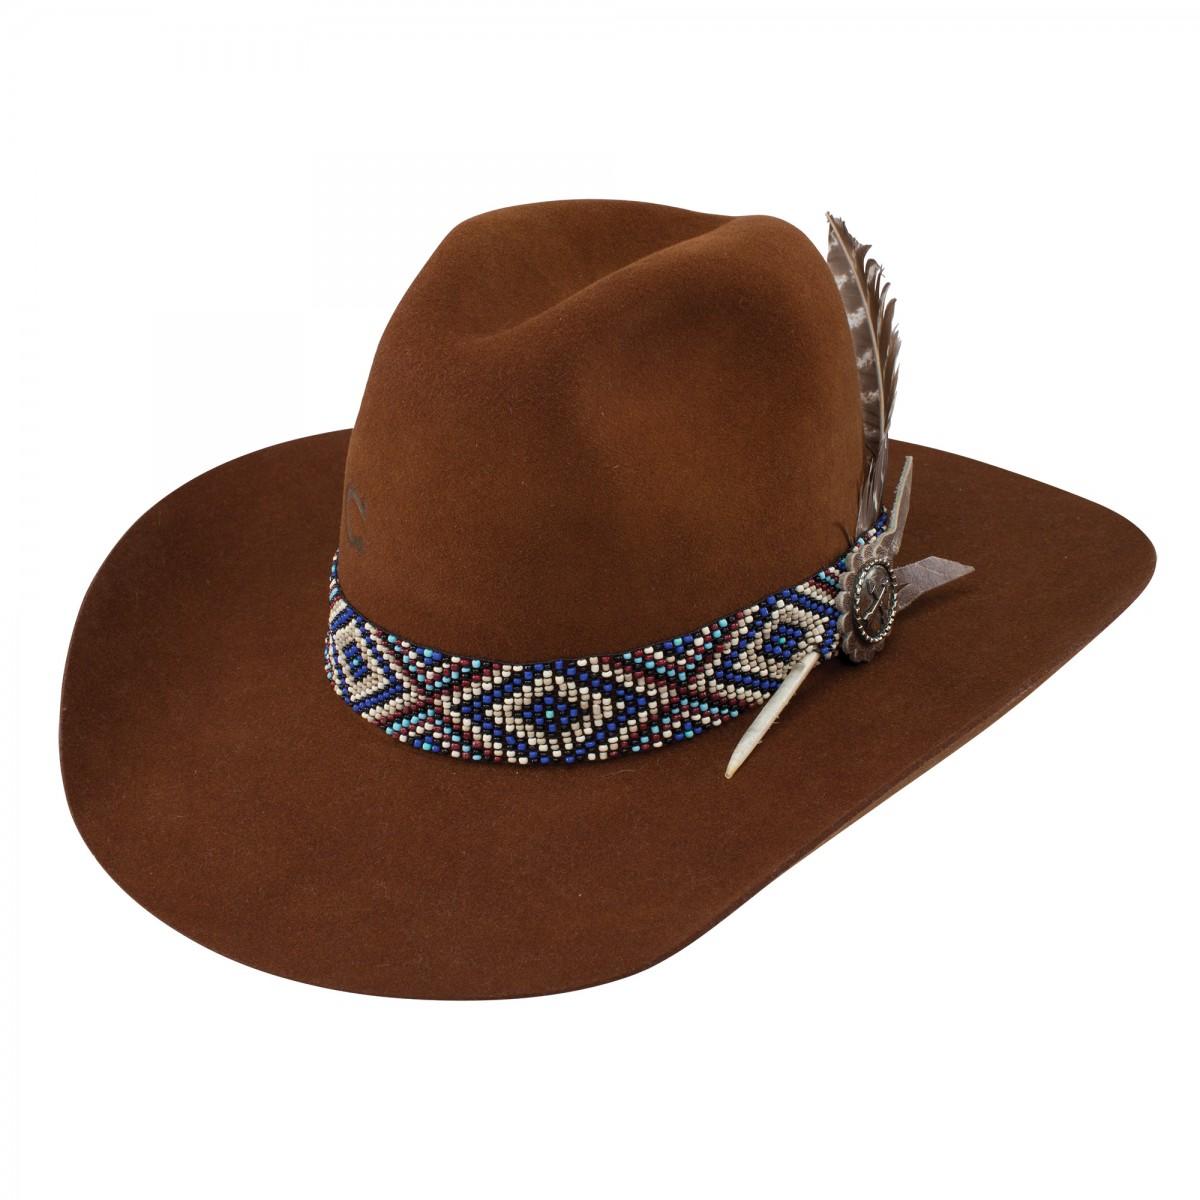 83d01a32dc438 Charlie 1 Horse Women s Old Hag Felt Hat 5X ( Cognac ) - El Potrerito